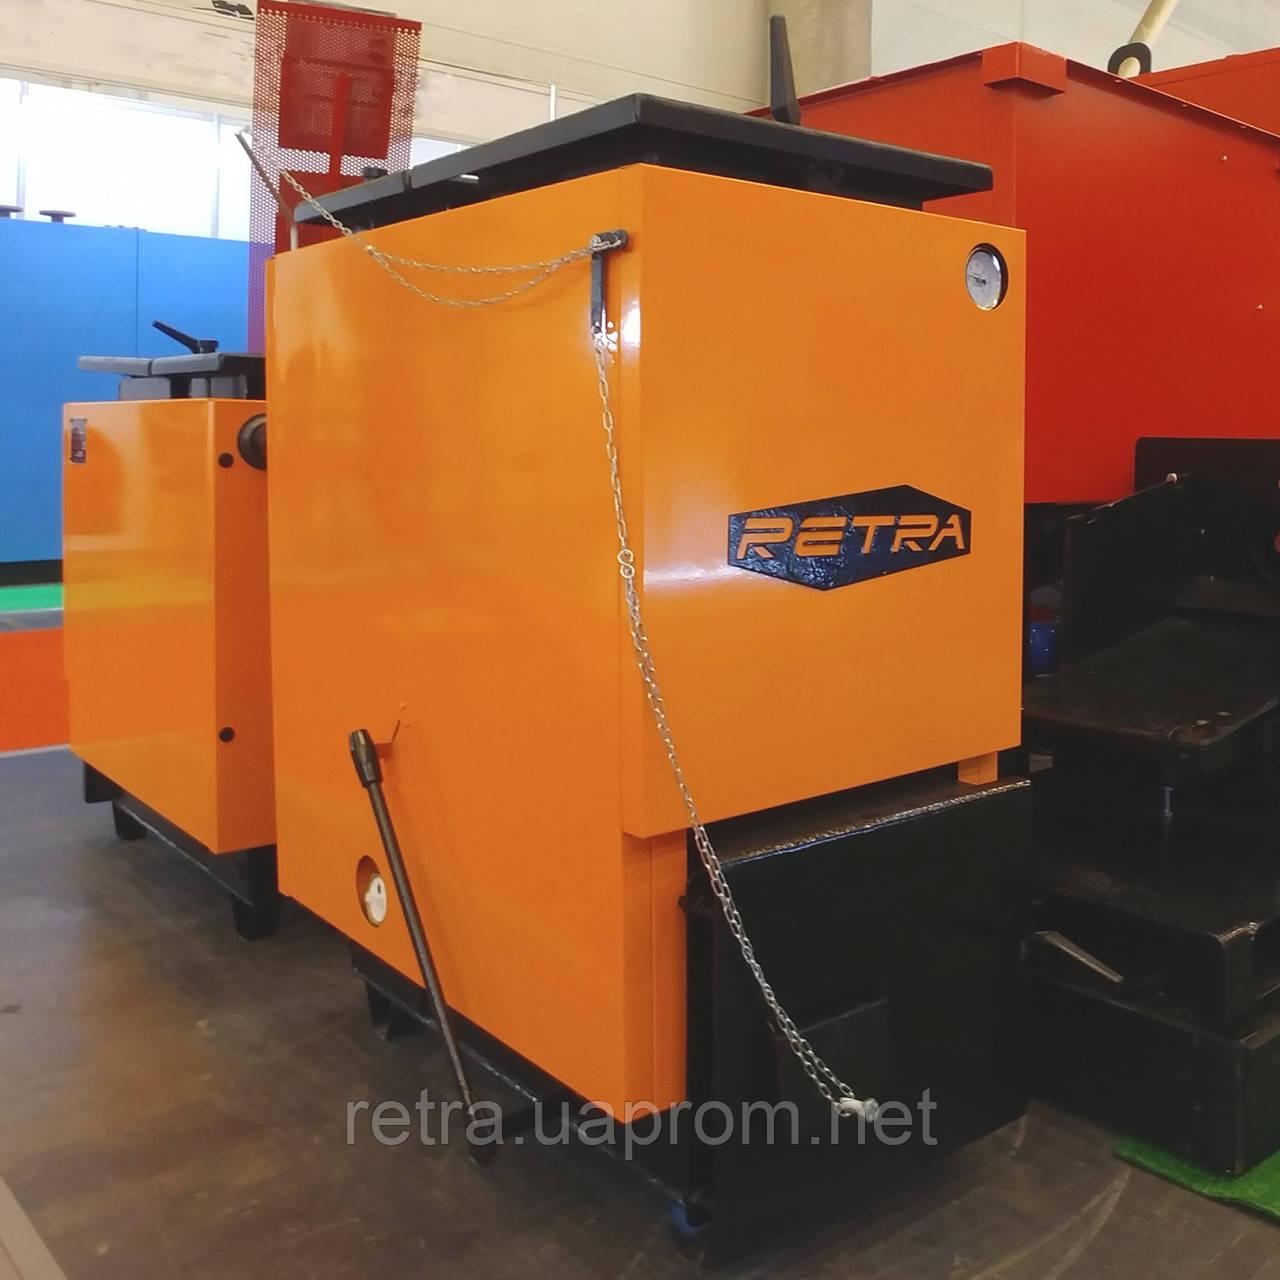 Котел твердотопливный Ретра-6М Comfort 26 кВт шахтный длительного горения